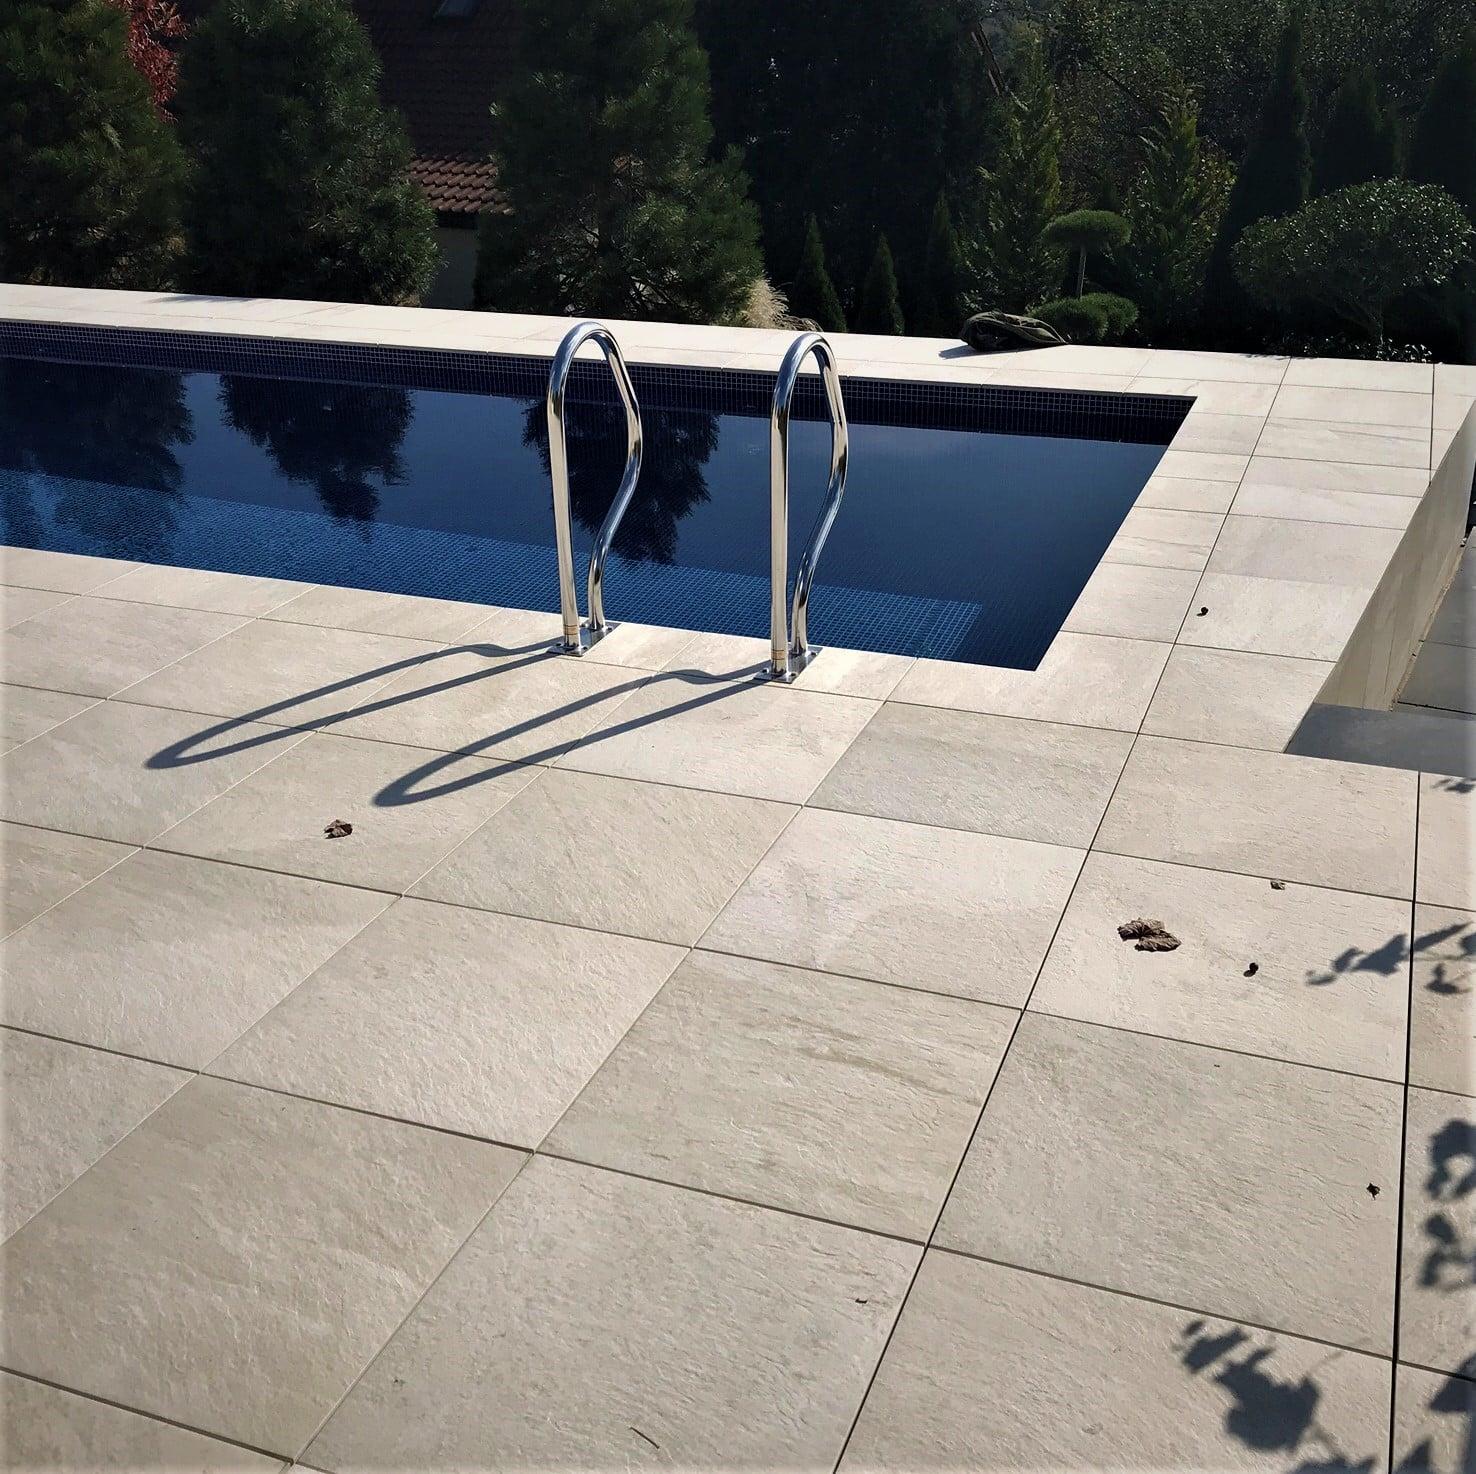 basen-nowoczesny dom-roleta-dno-drabinka-mozaika-budowa basenu-ogrodowy-lampa basenowa-led-atrakcje-masaże